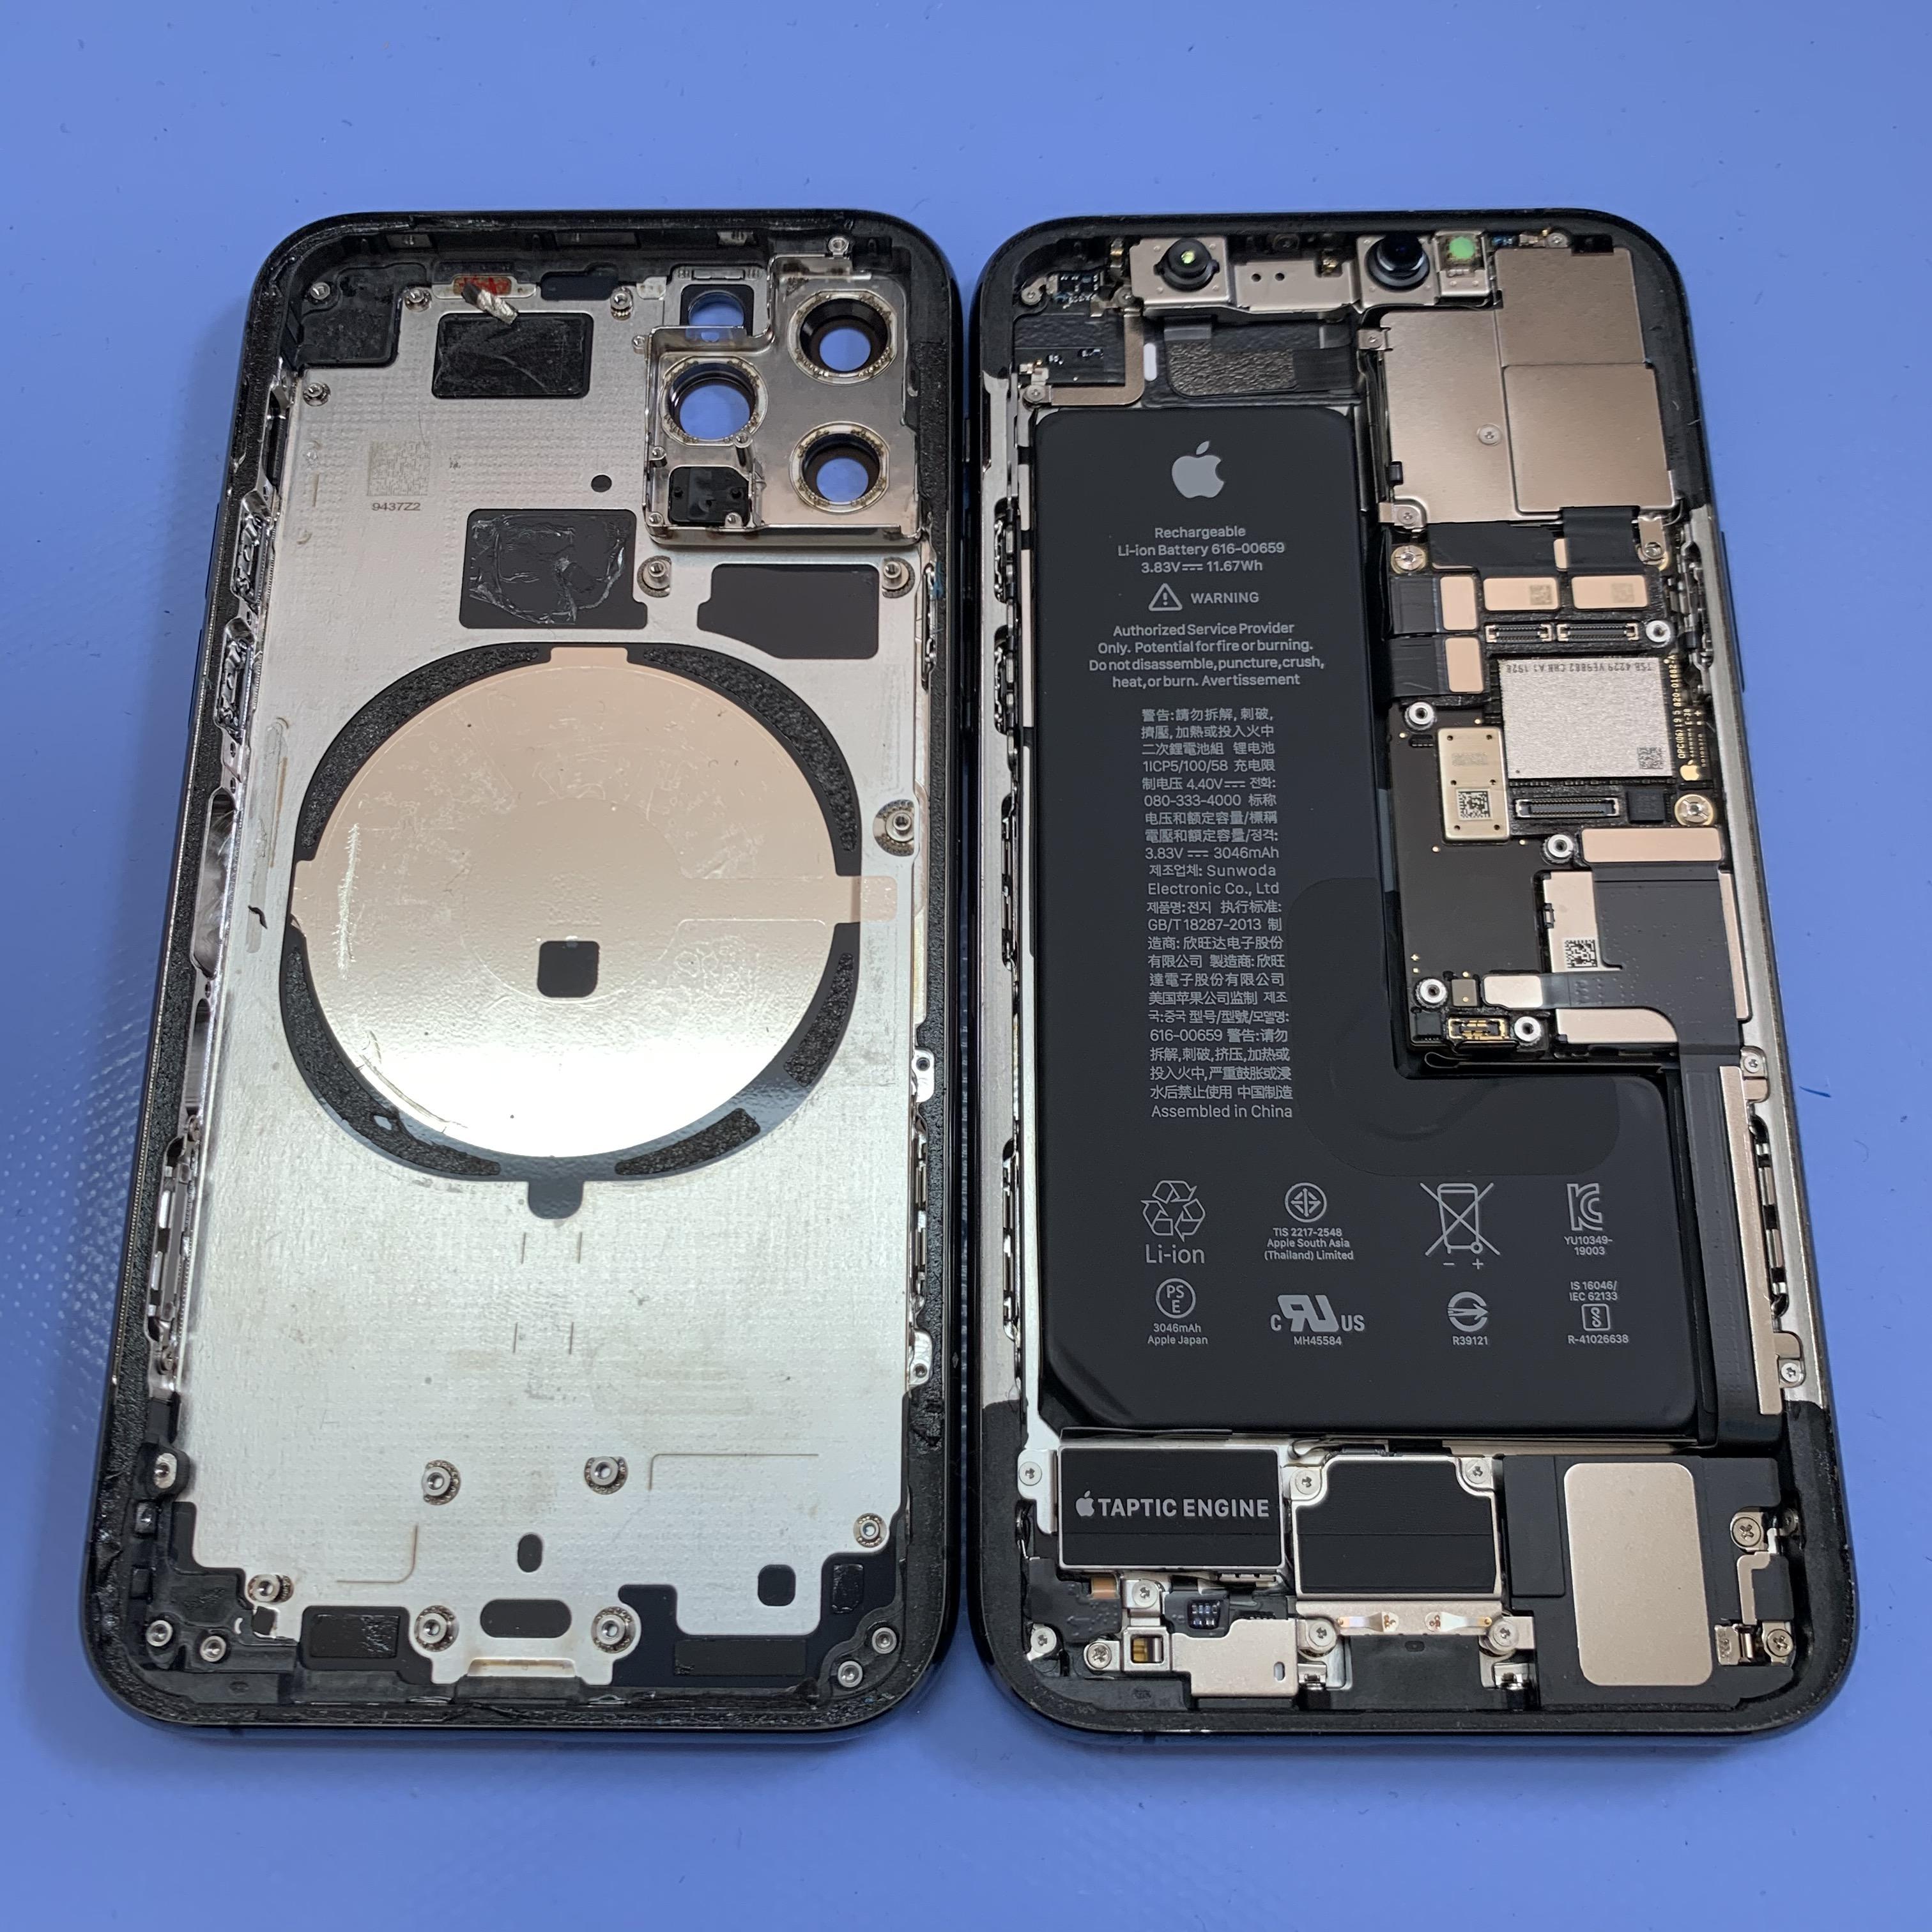 移植前のiPhone11Pro